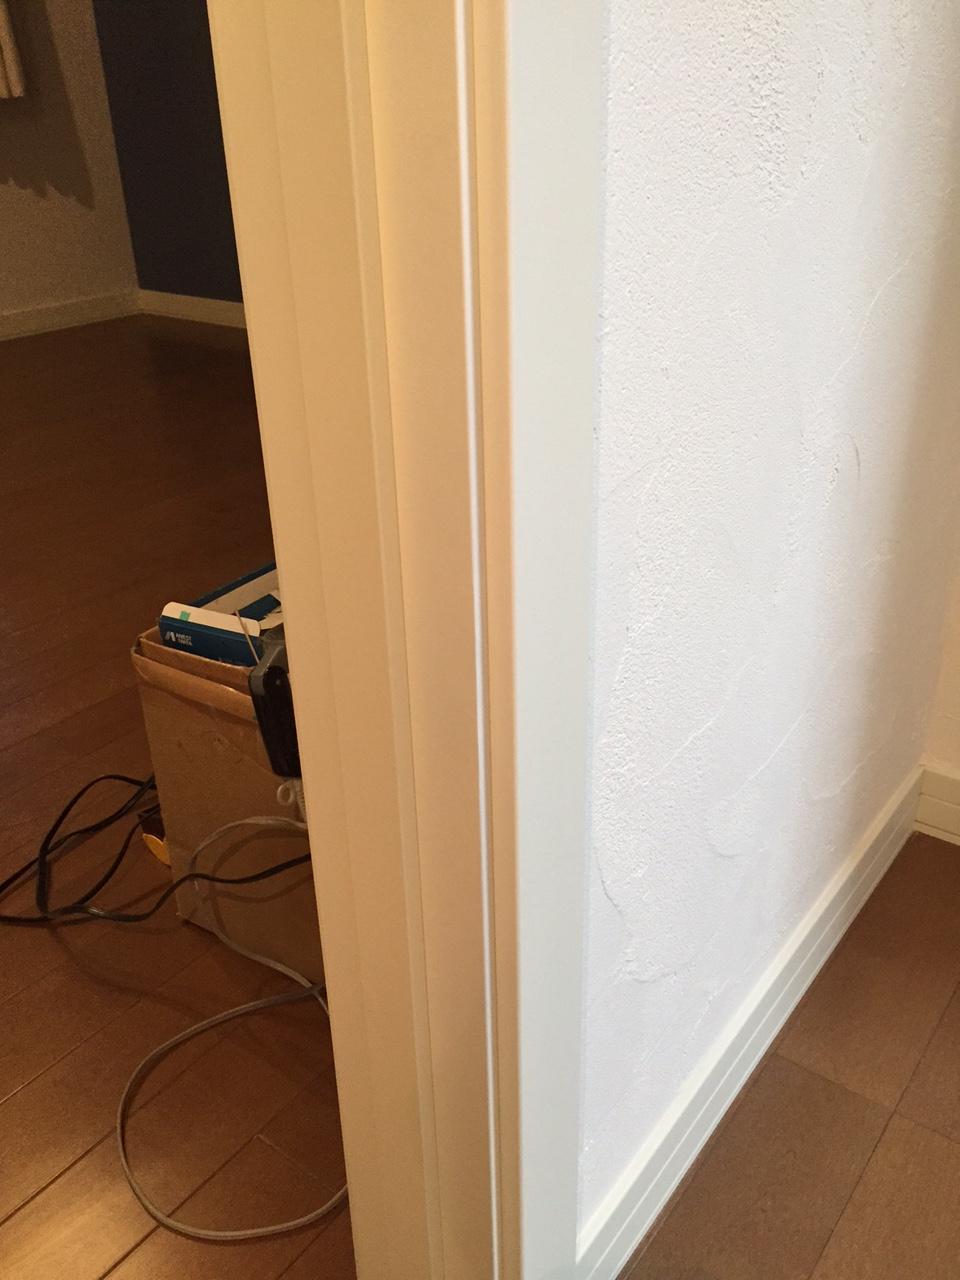 ドア枠傷補修後